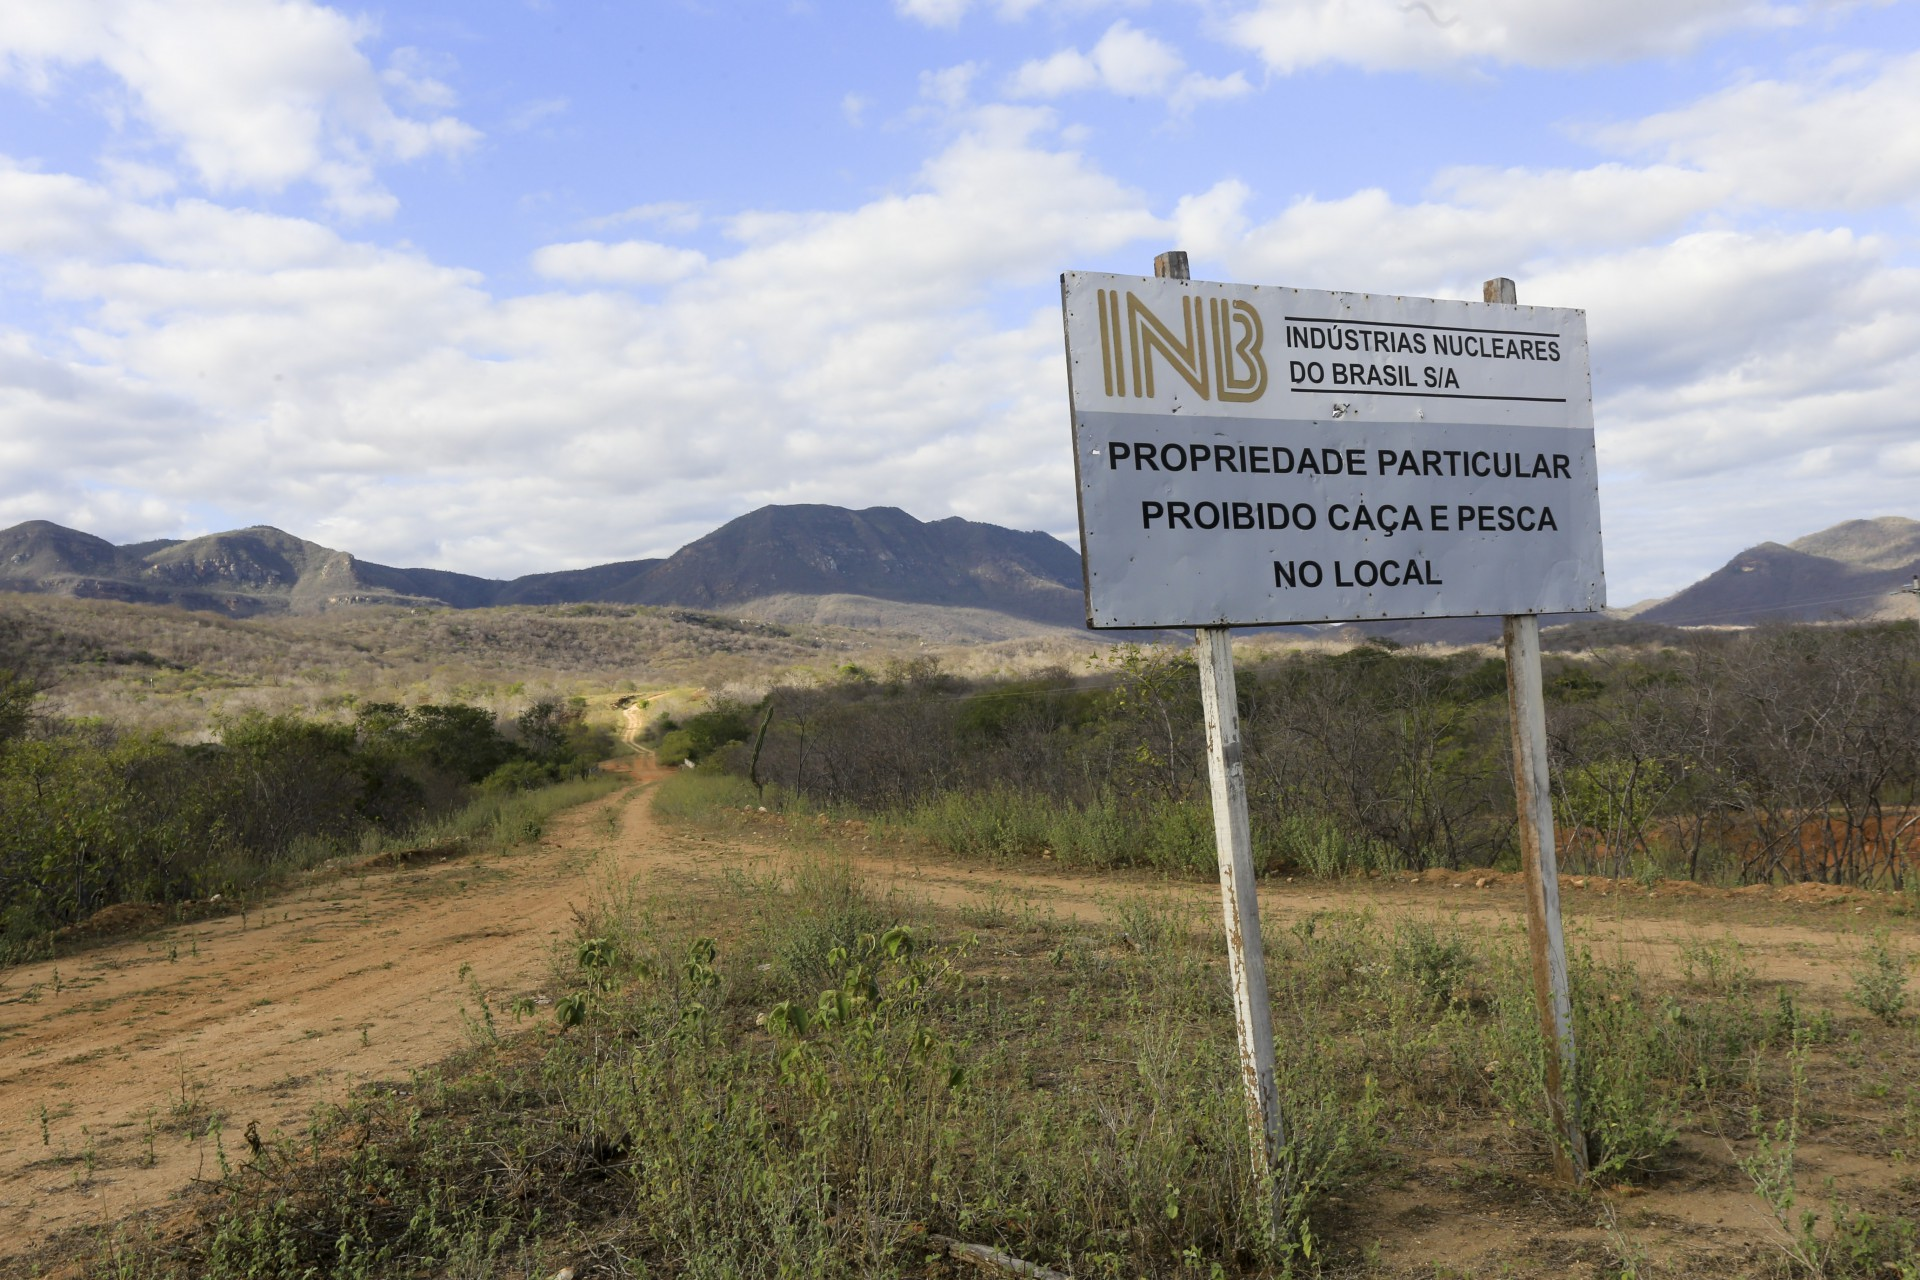 (Foto: O POVO)SANTA QUITÉRIA, CE, BRASIL, 20-07-2015: Placa das Indústrias Nucleares Brasileiras (INB), em Santa Quitéria. Mina de urânio (minério) em Santa Quitéria. (Foto: Fábio Lima/O POVO)